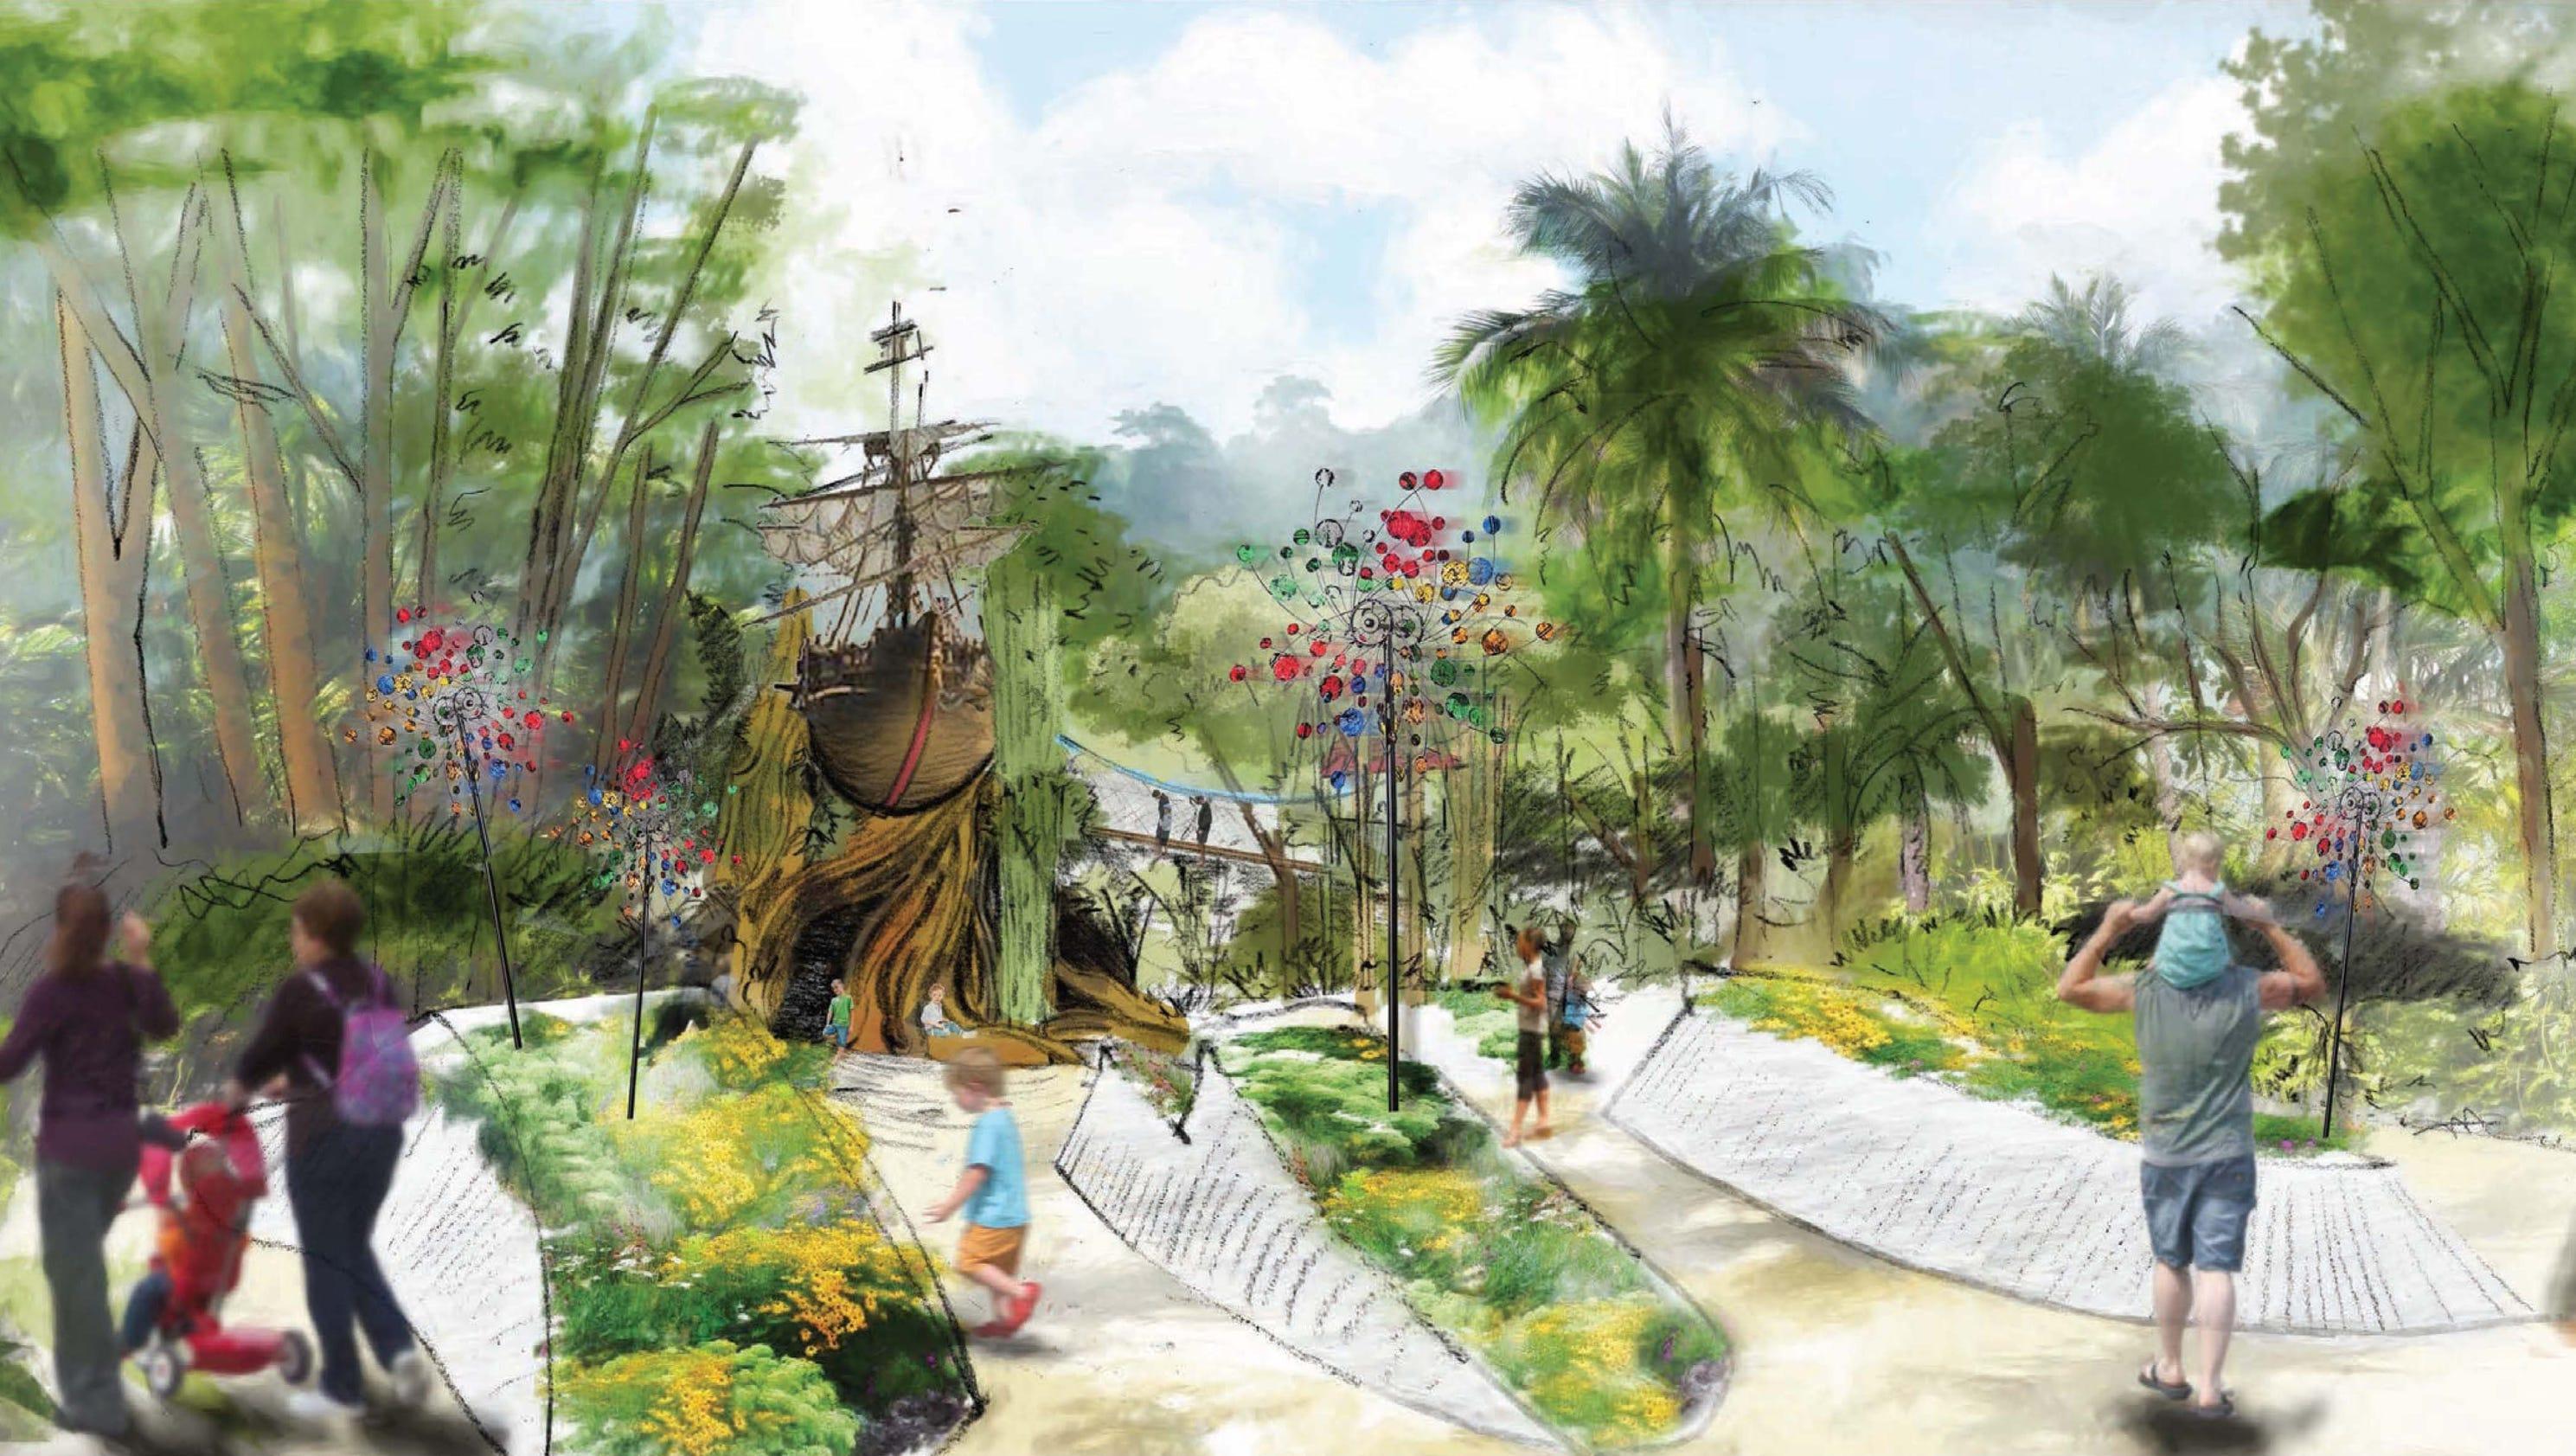 A Children S Garden Is Coming To Mckee Botanical Garden In Vero Beach